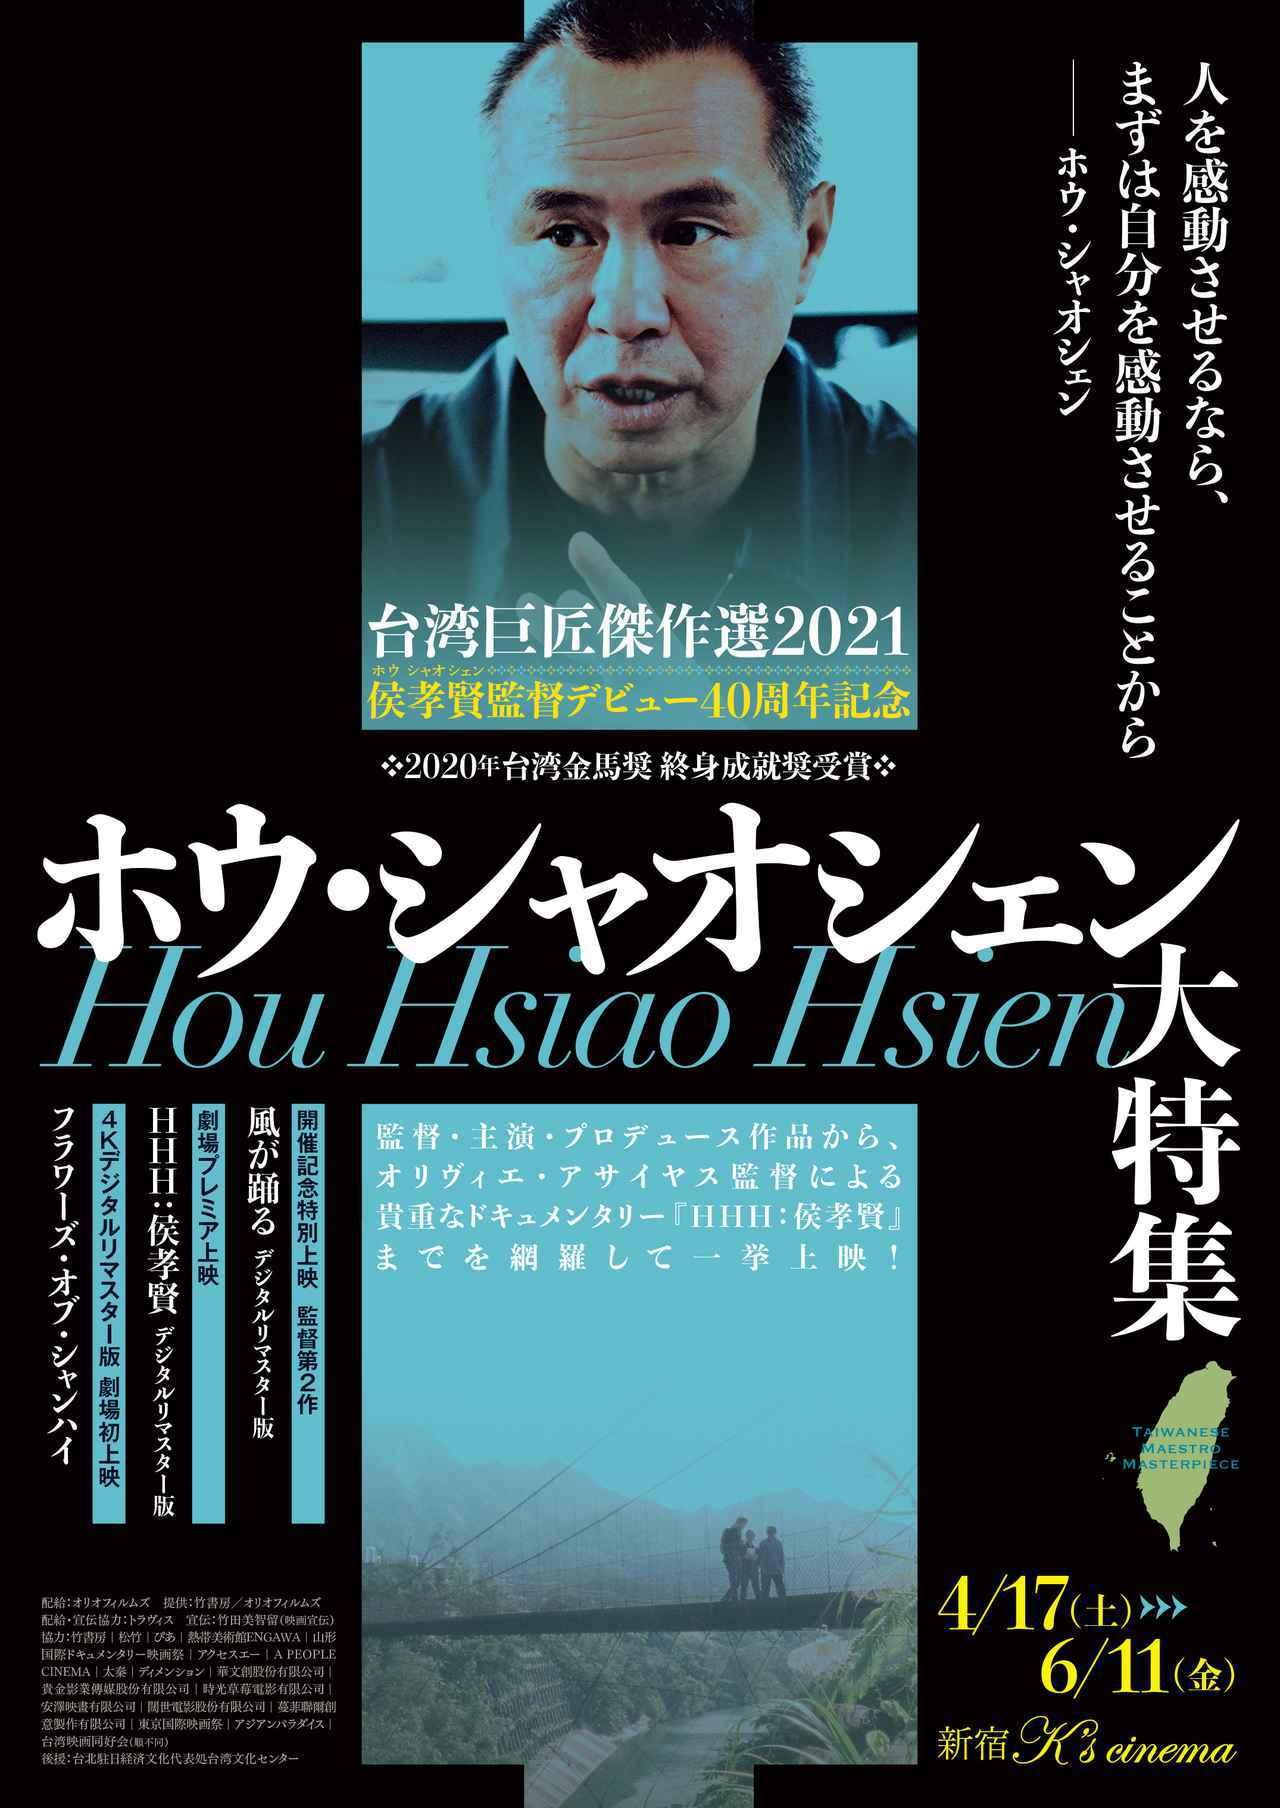 """画像: 世界の映画作家に影響を与えた""""台湾ニューシネマ""""は、 なぜ生まれたのか?「台湾巨匠傑作選 2021」で開催されるホウ・シャオシェン 大特集!予告完成!"""